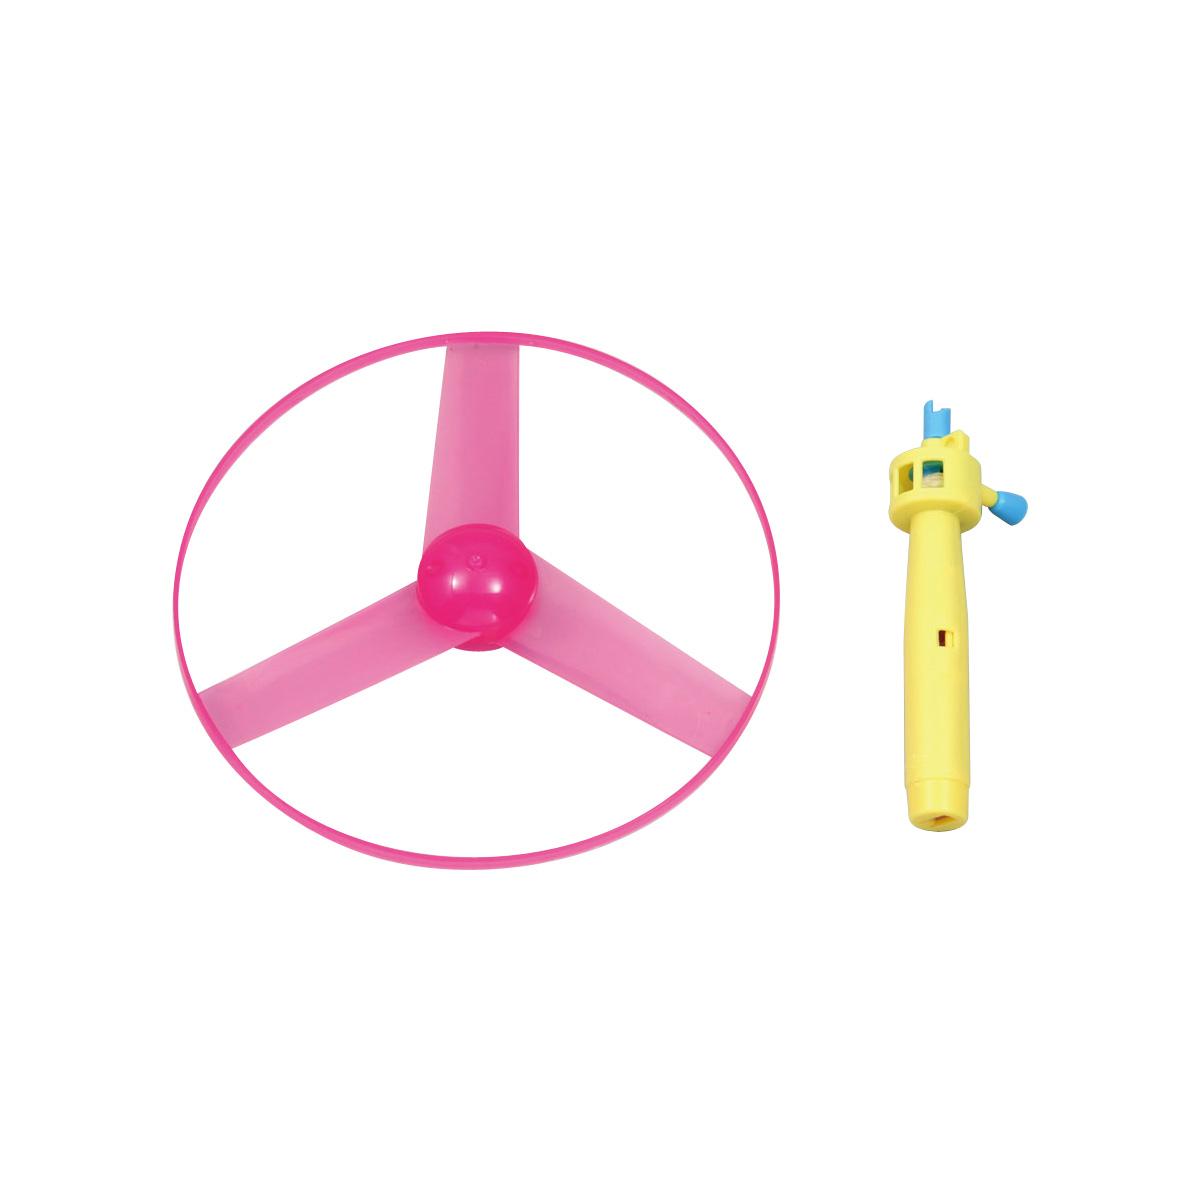 【メール便可】 玩具 おもちゃ プロペラ タケコプター トンボプロペラ ひもを引っぱるだけでビュンと飛ぶ フライングソーサー ランダムカラー 玩具 おもちゃ プロペラ タケコプター トンボプロペラ 室内